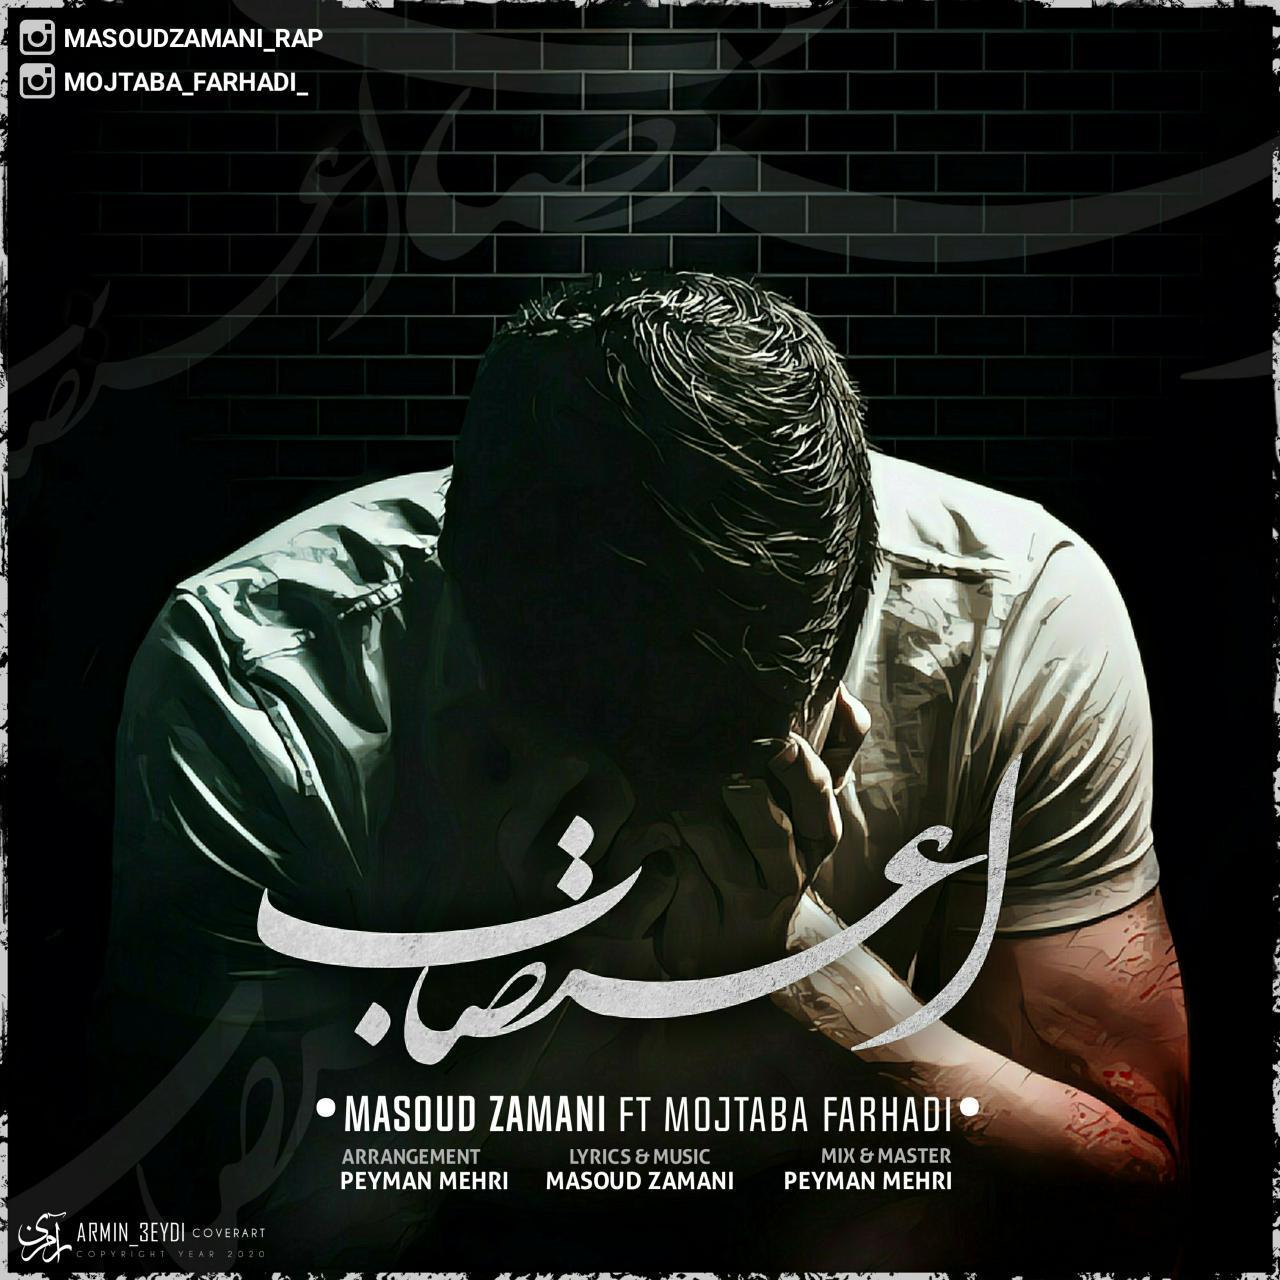 مسعود زمانی و مجتبی فرهادی اعتصاب